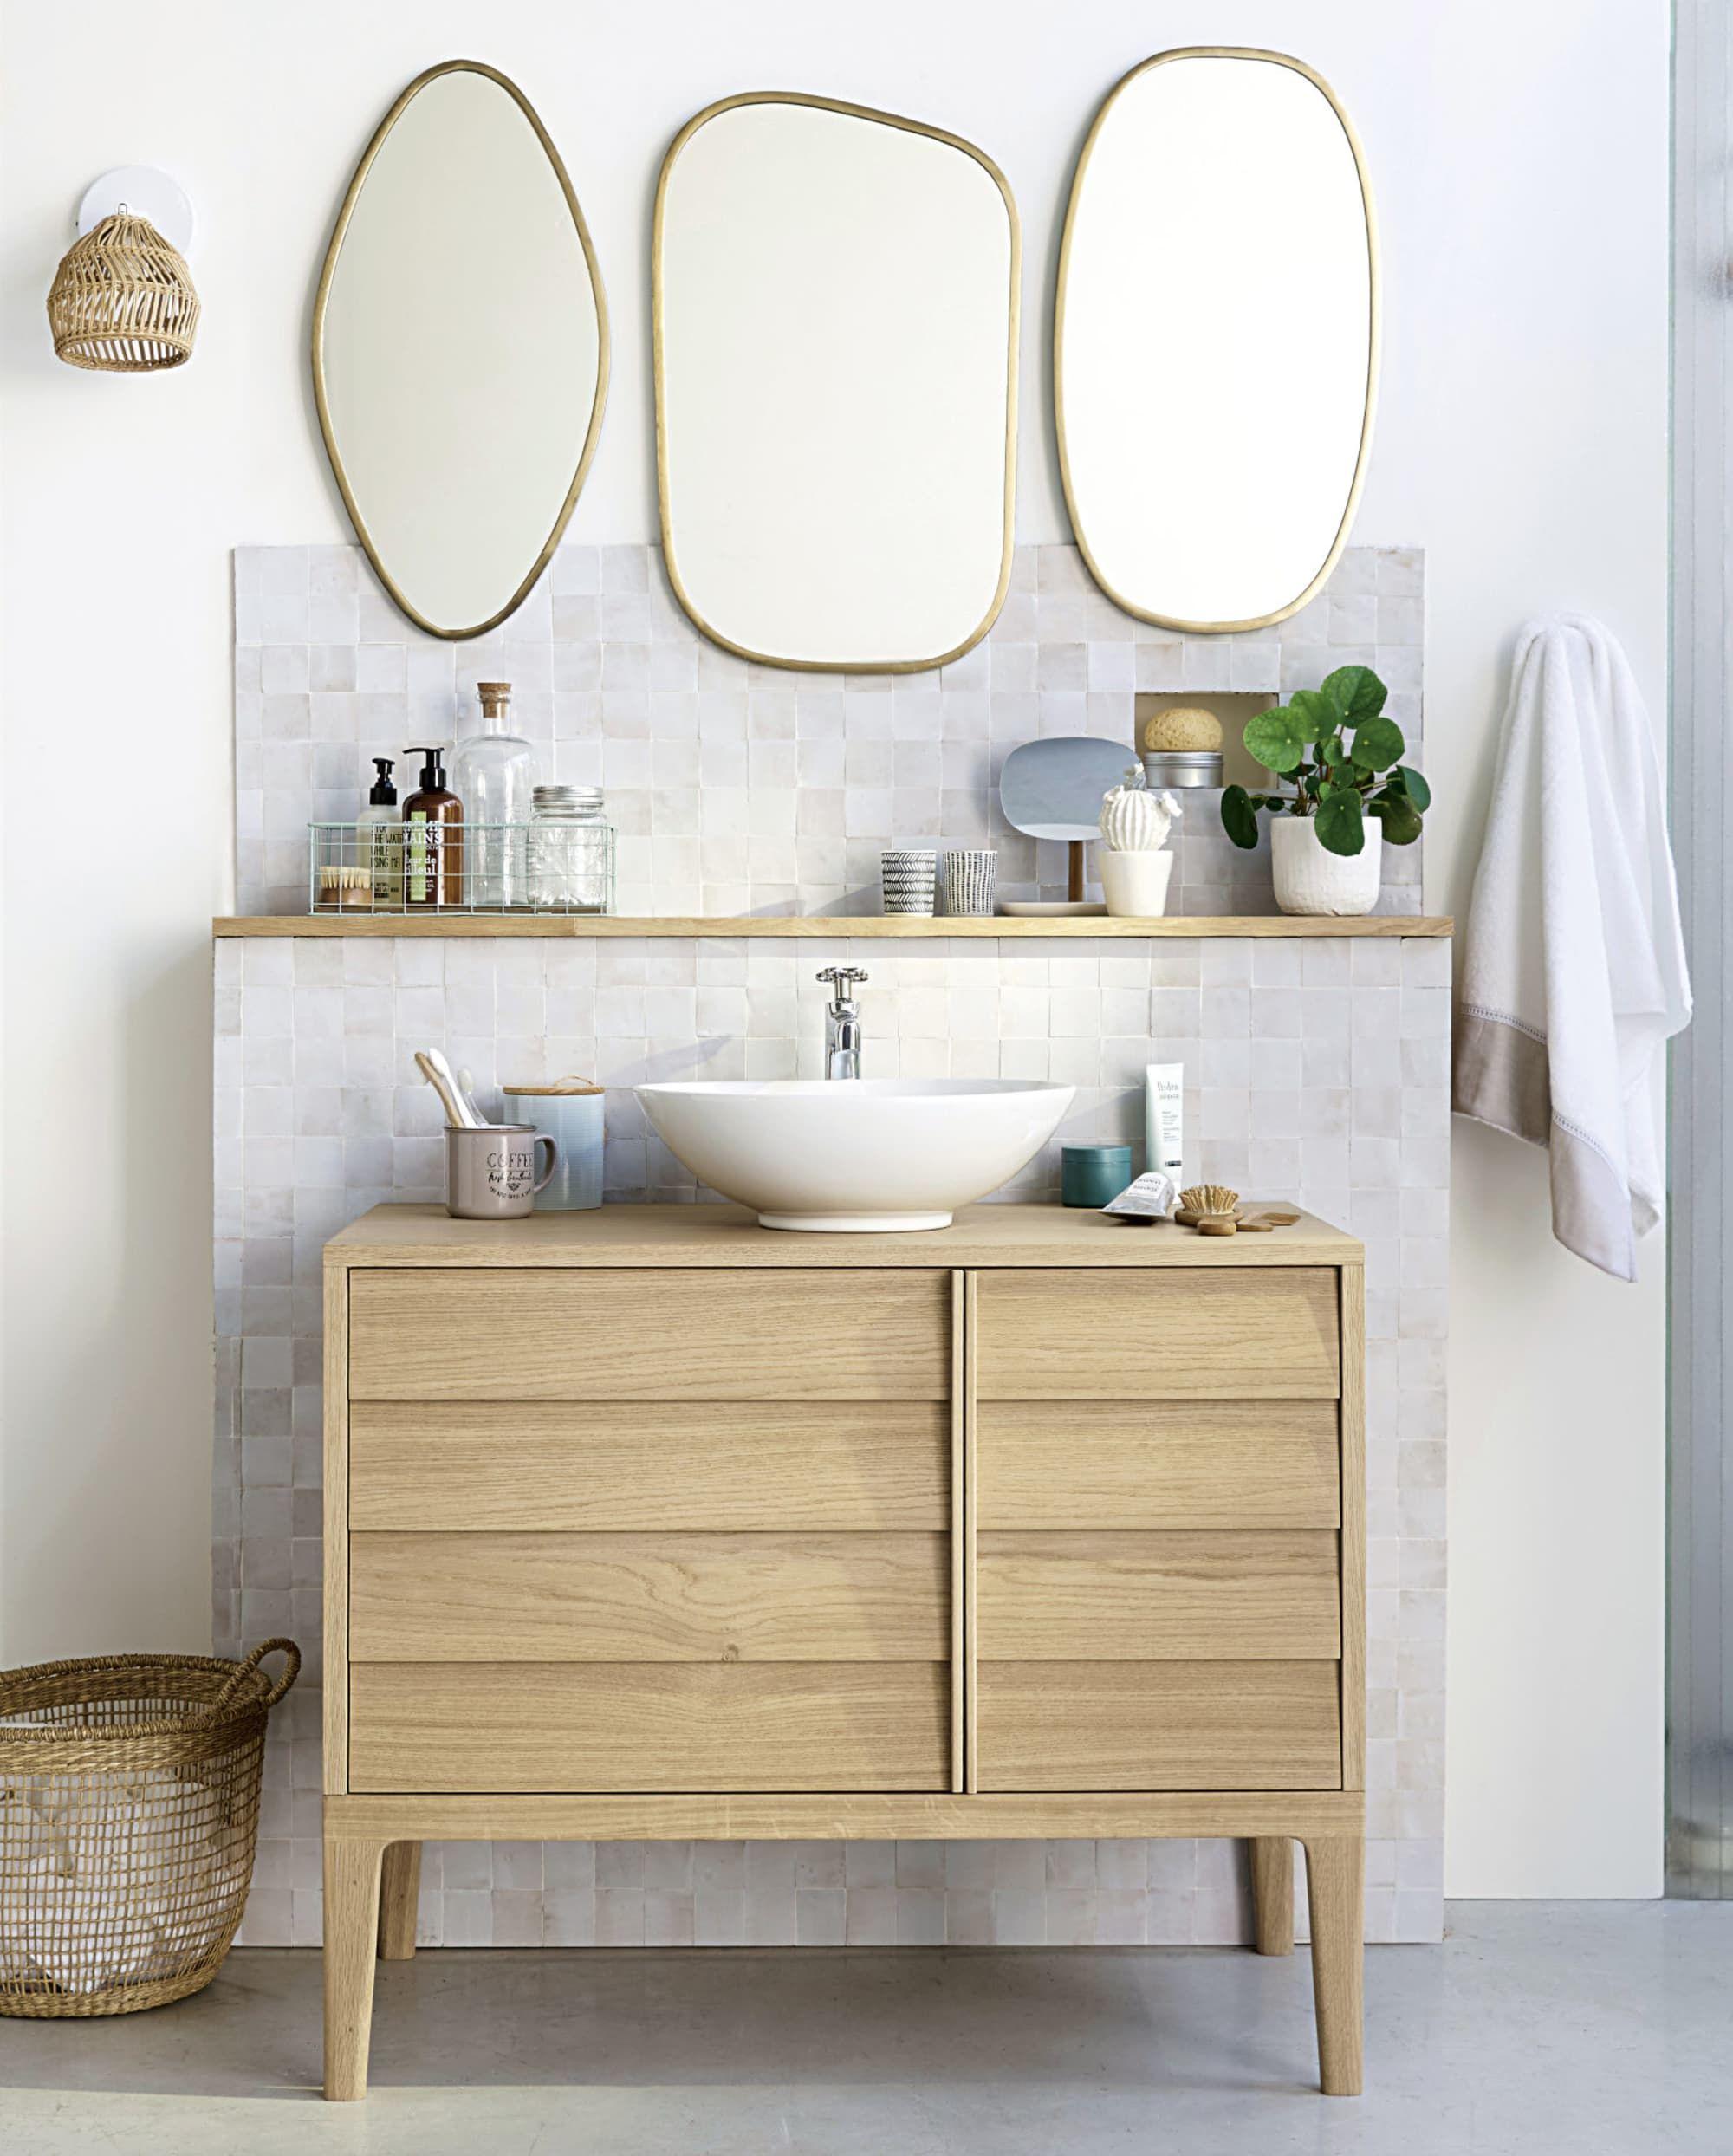 3 Miroirs En Métal Doré In 2019 Home Sweet Home Bathroom